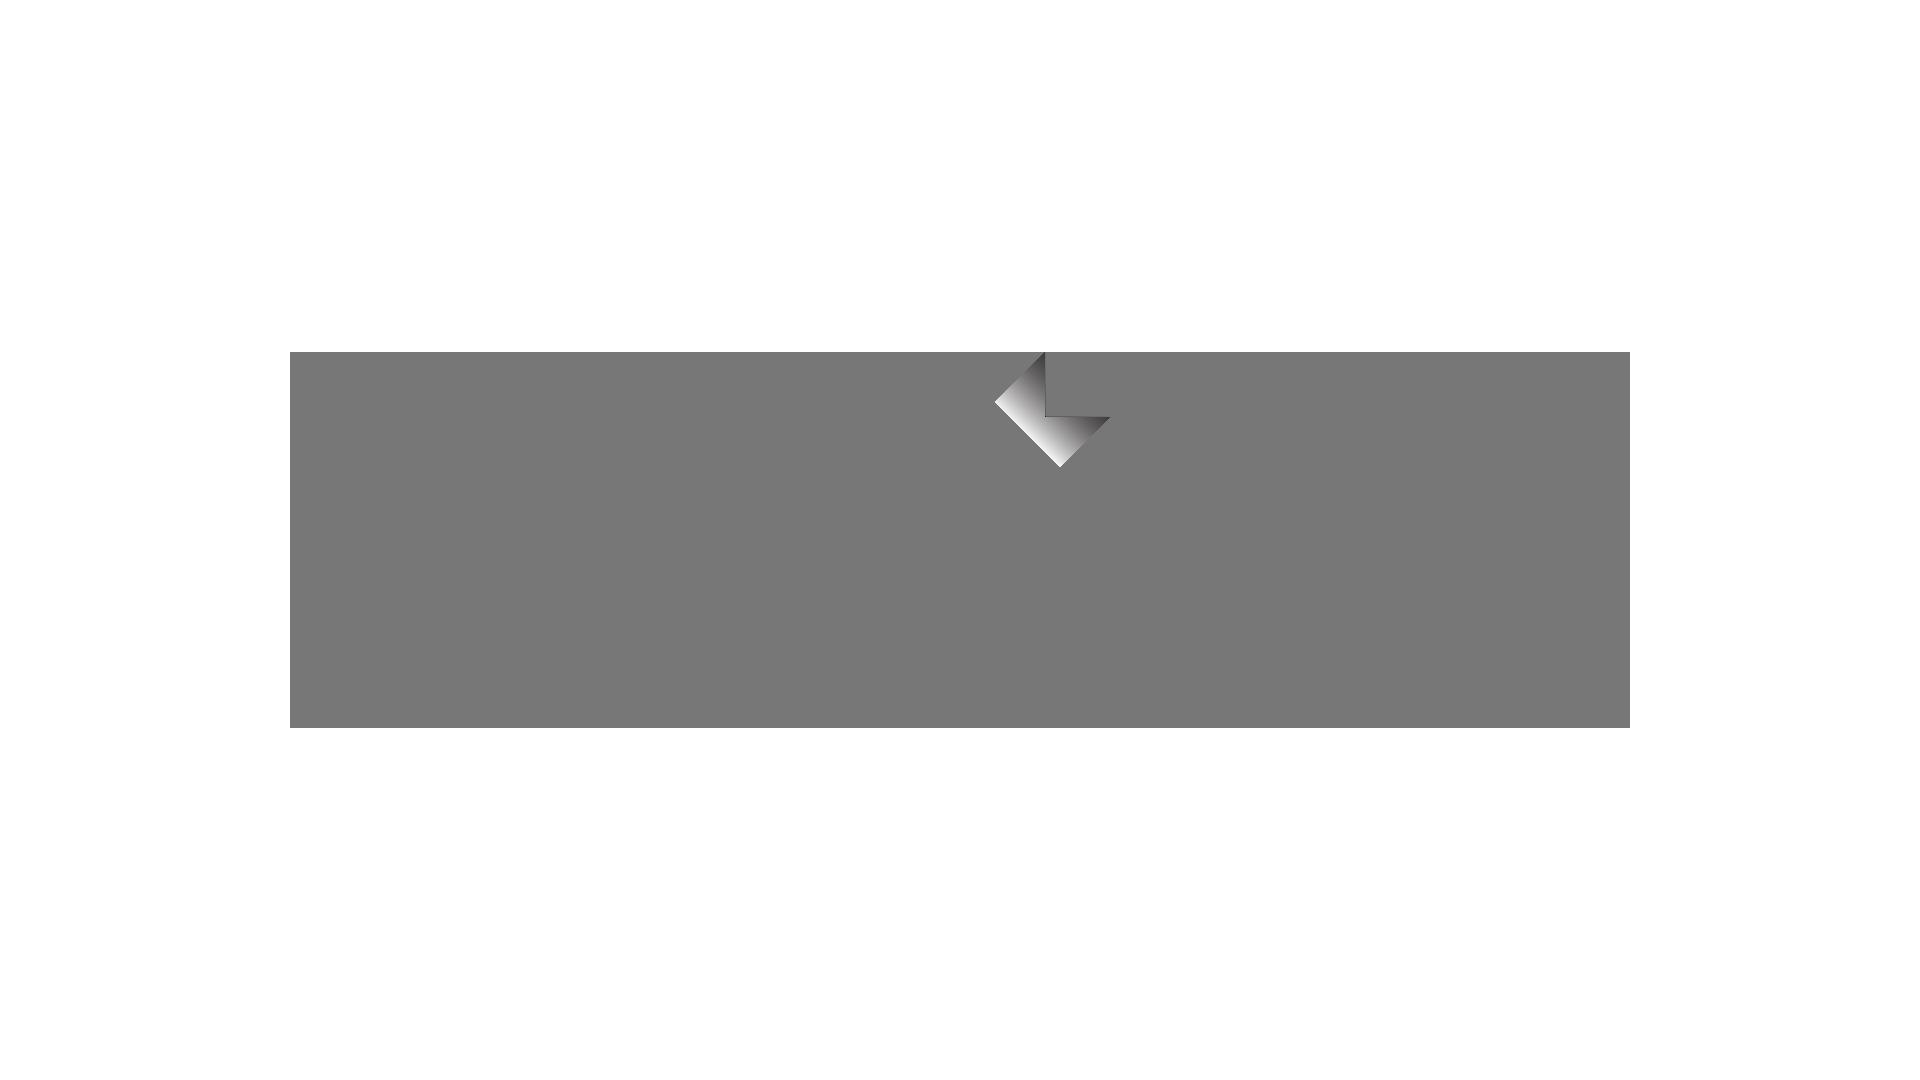 Maxar Technologies, formerly Digital Globe